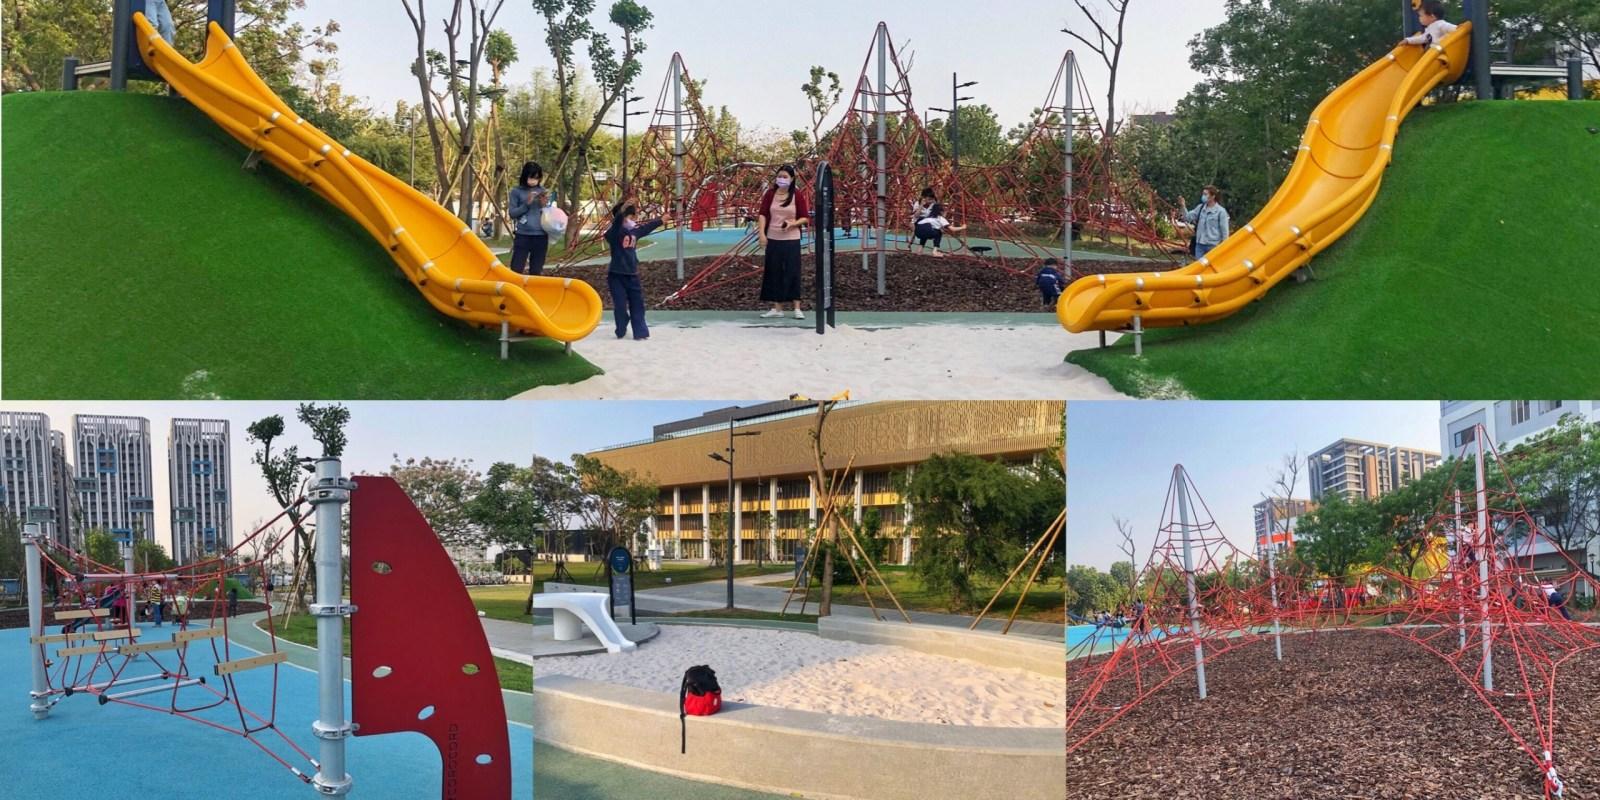 台南兒童親子新遊樂園「閱之森公園」今天啟用了!共融遊戲場、遊戲沙坑/溜滑梯/鞦韆/攀爬網架 占地1.9公頃 小朋友的最愛